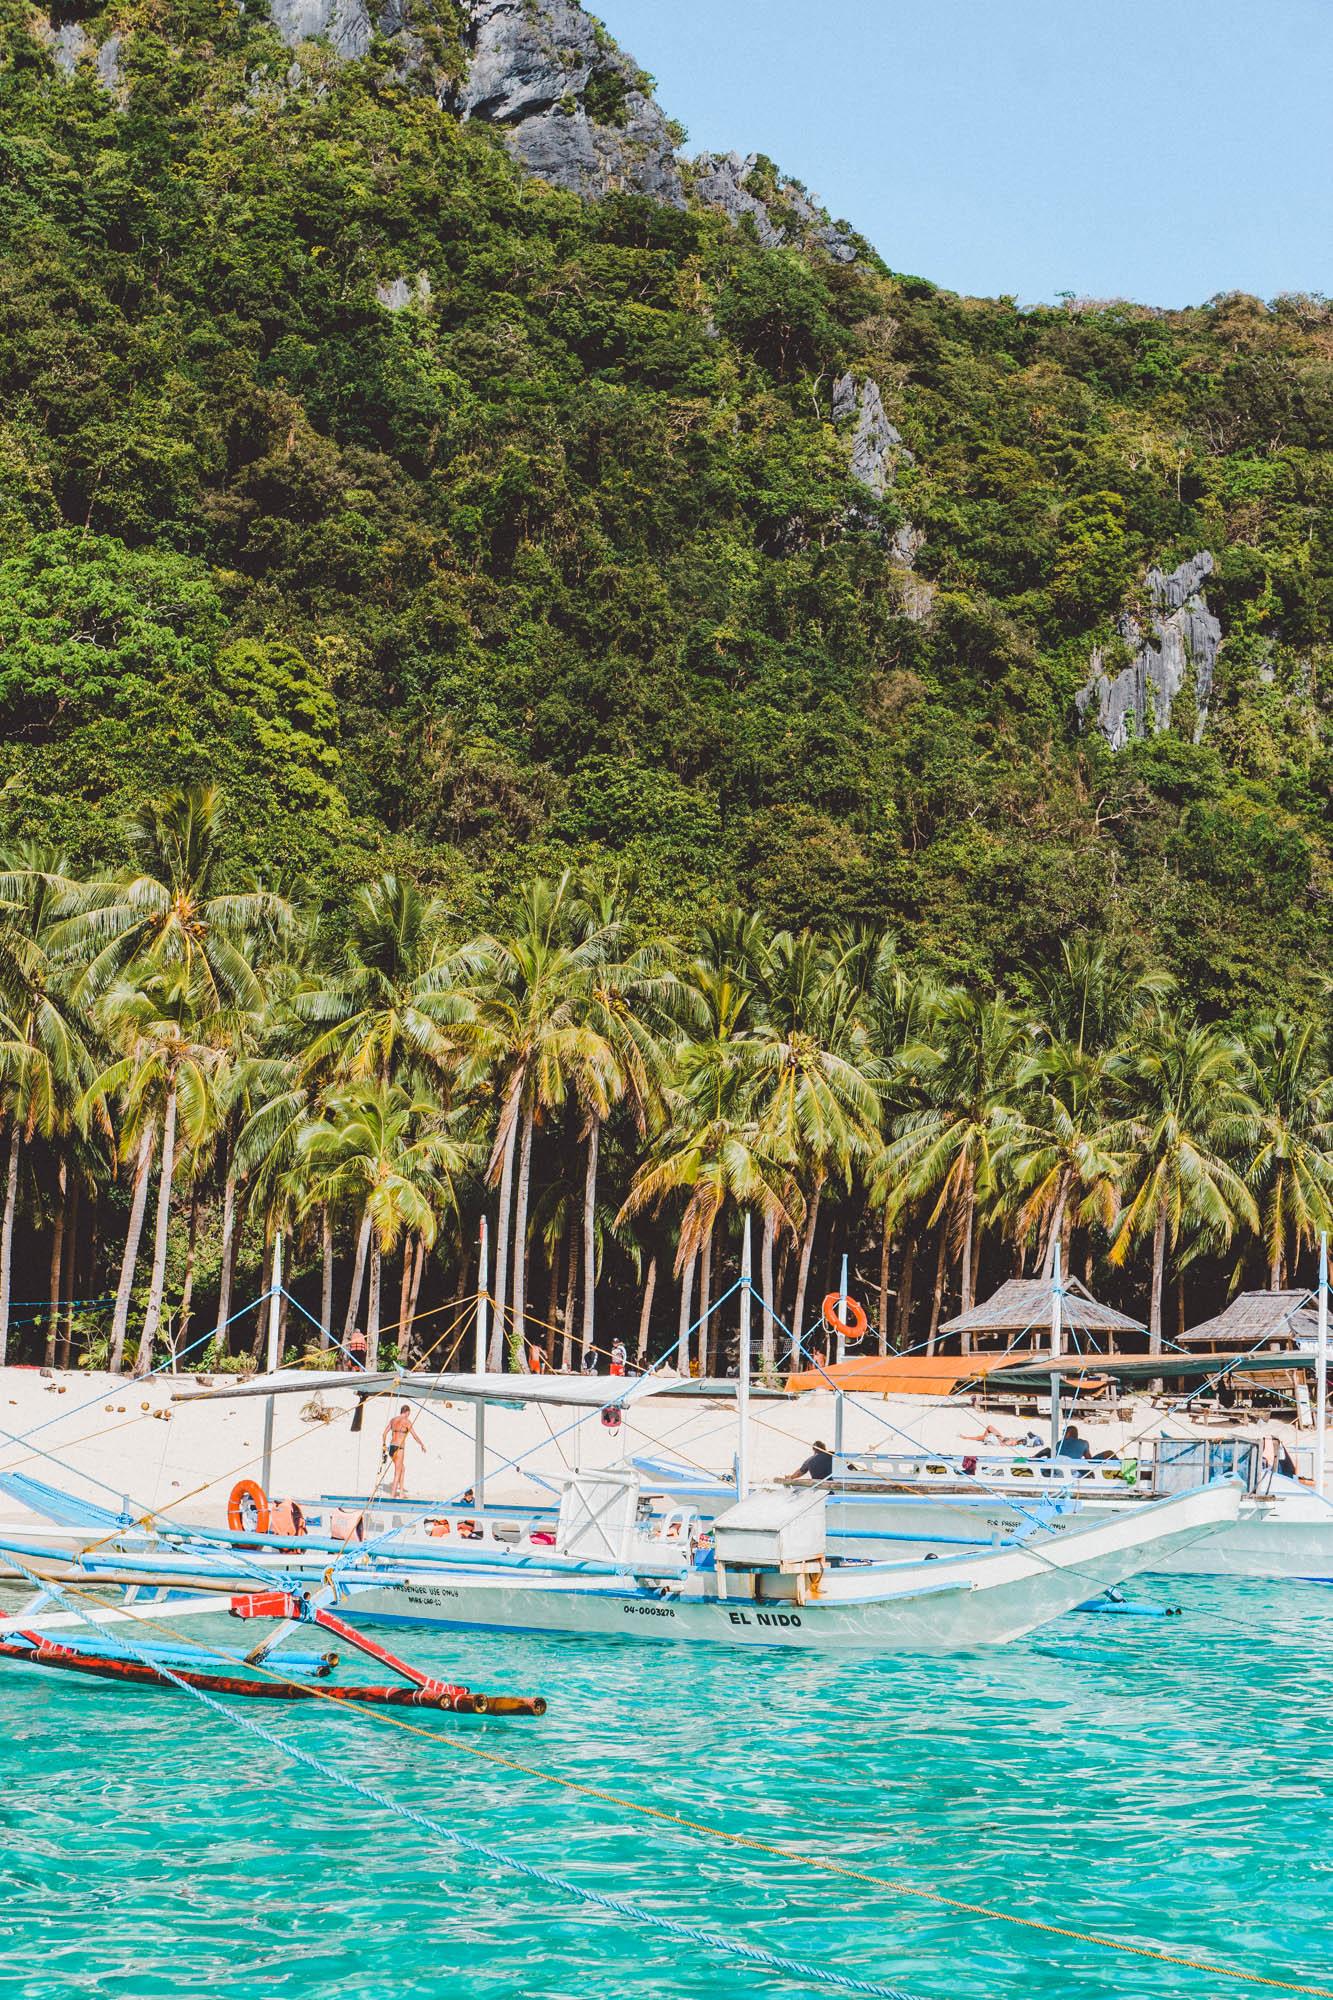 strand commando beach filipijnen met blauw water en palmbomen